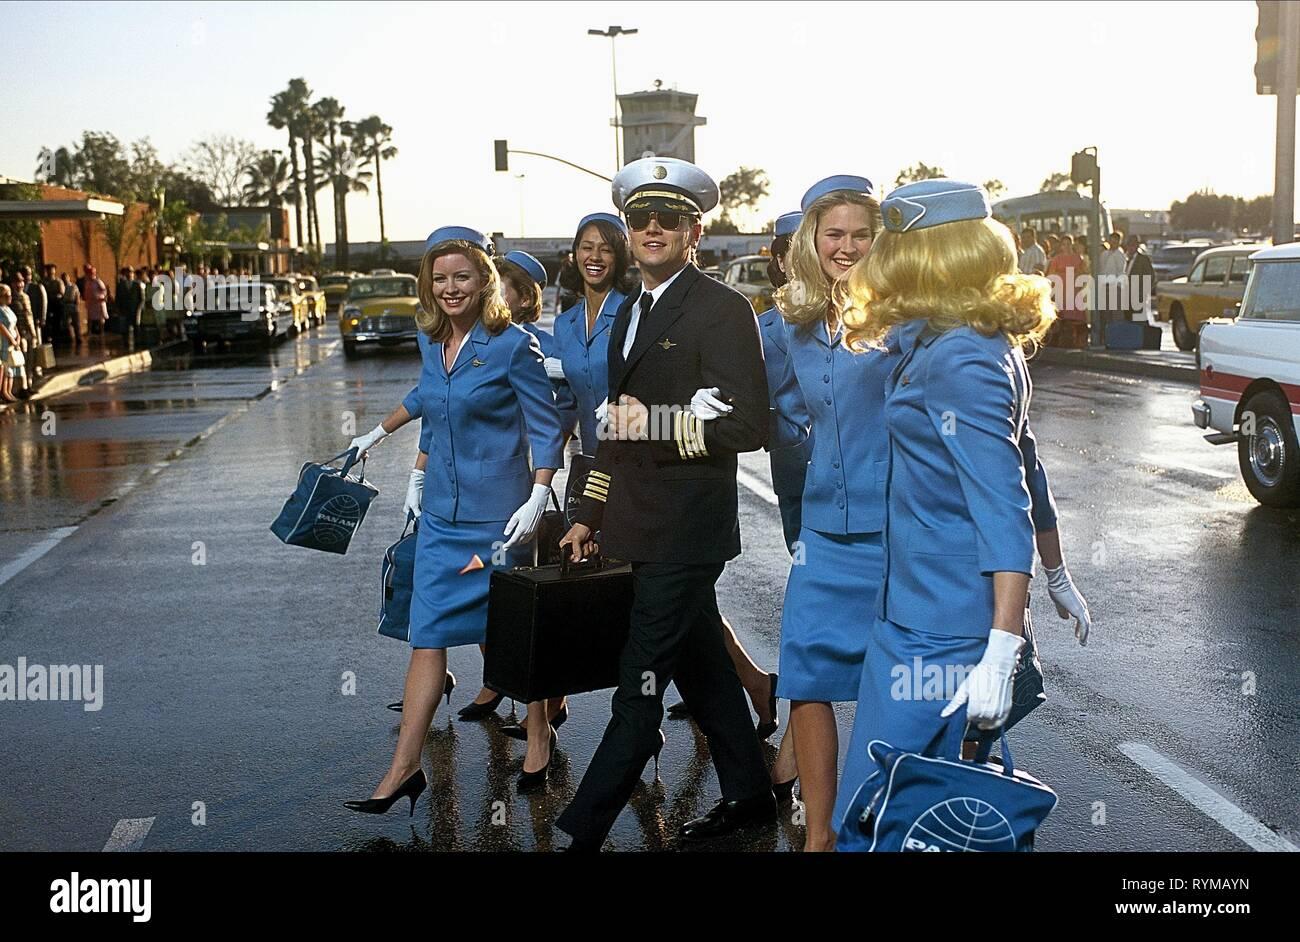 Pilot Film Stock Photos Pilot Film Stock Images Alamy